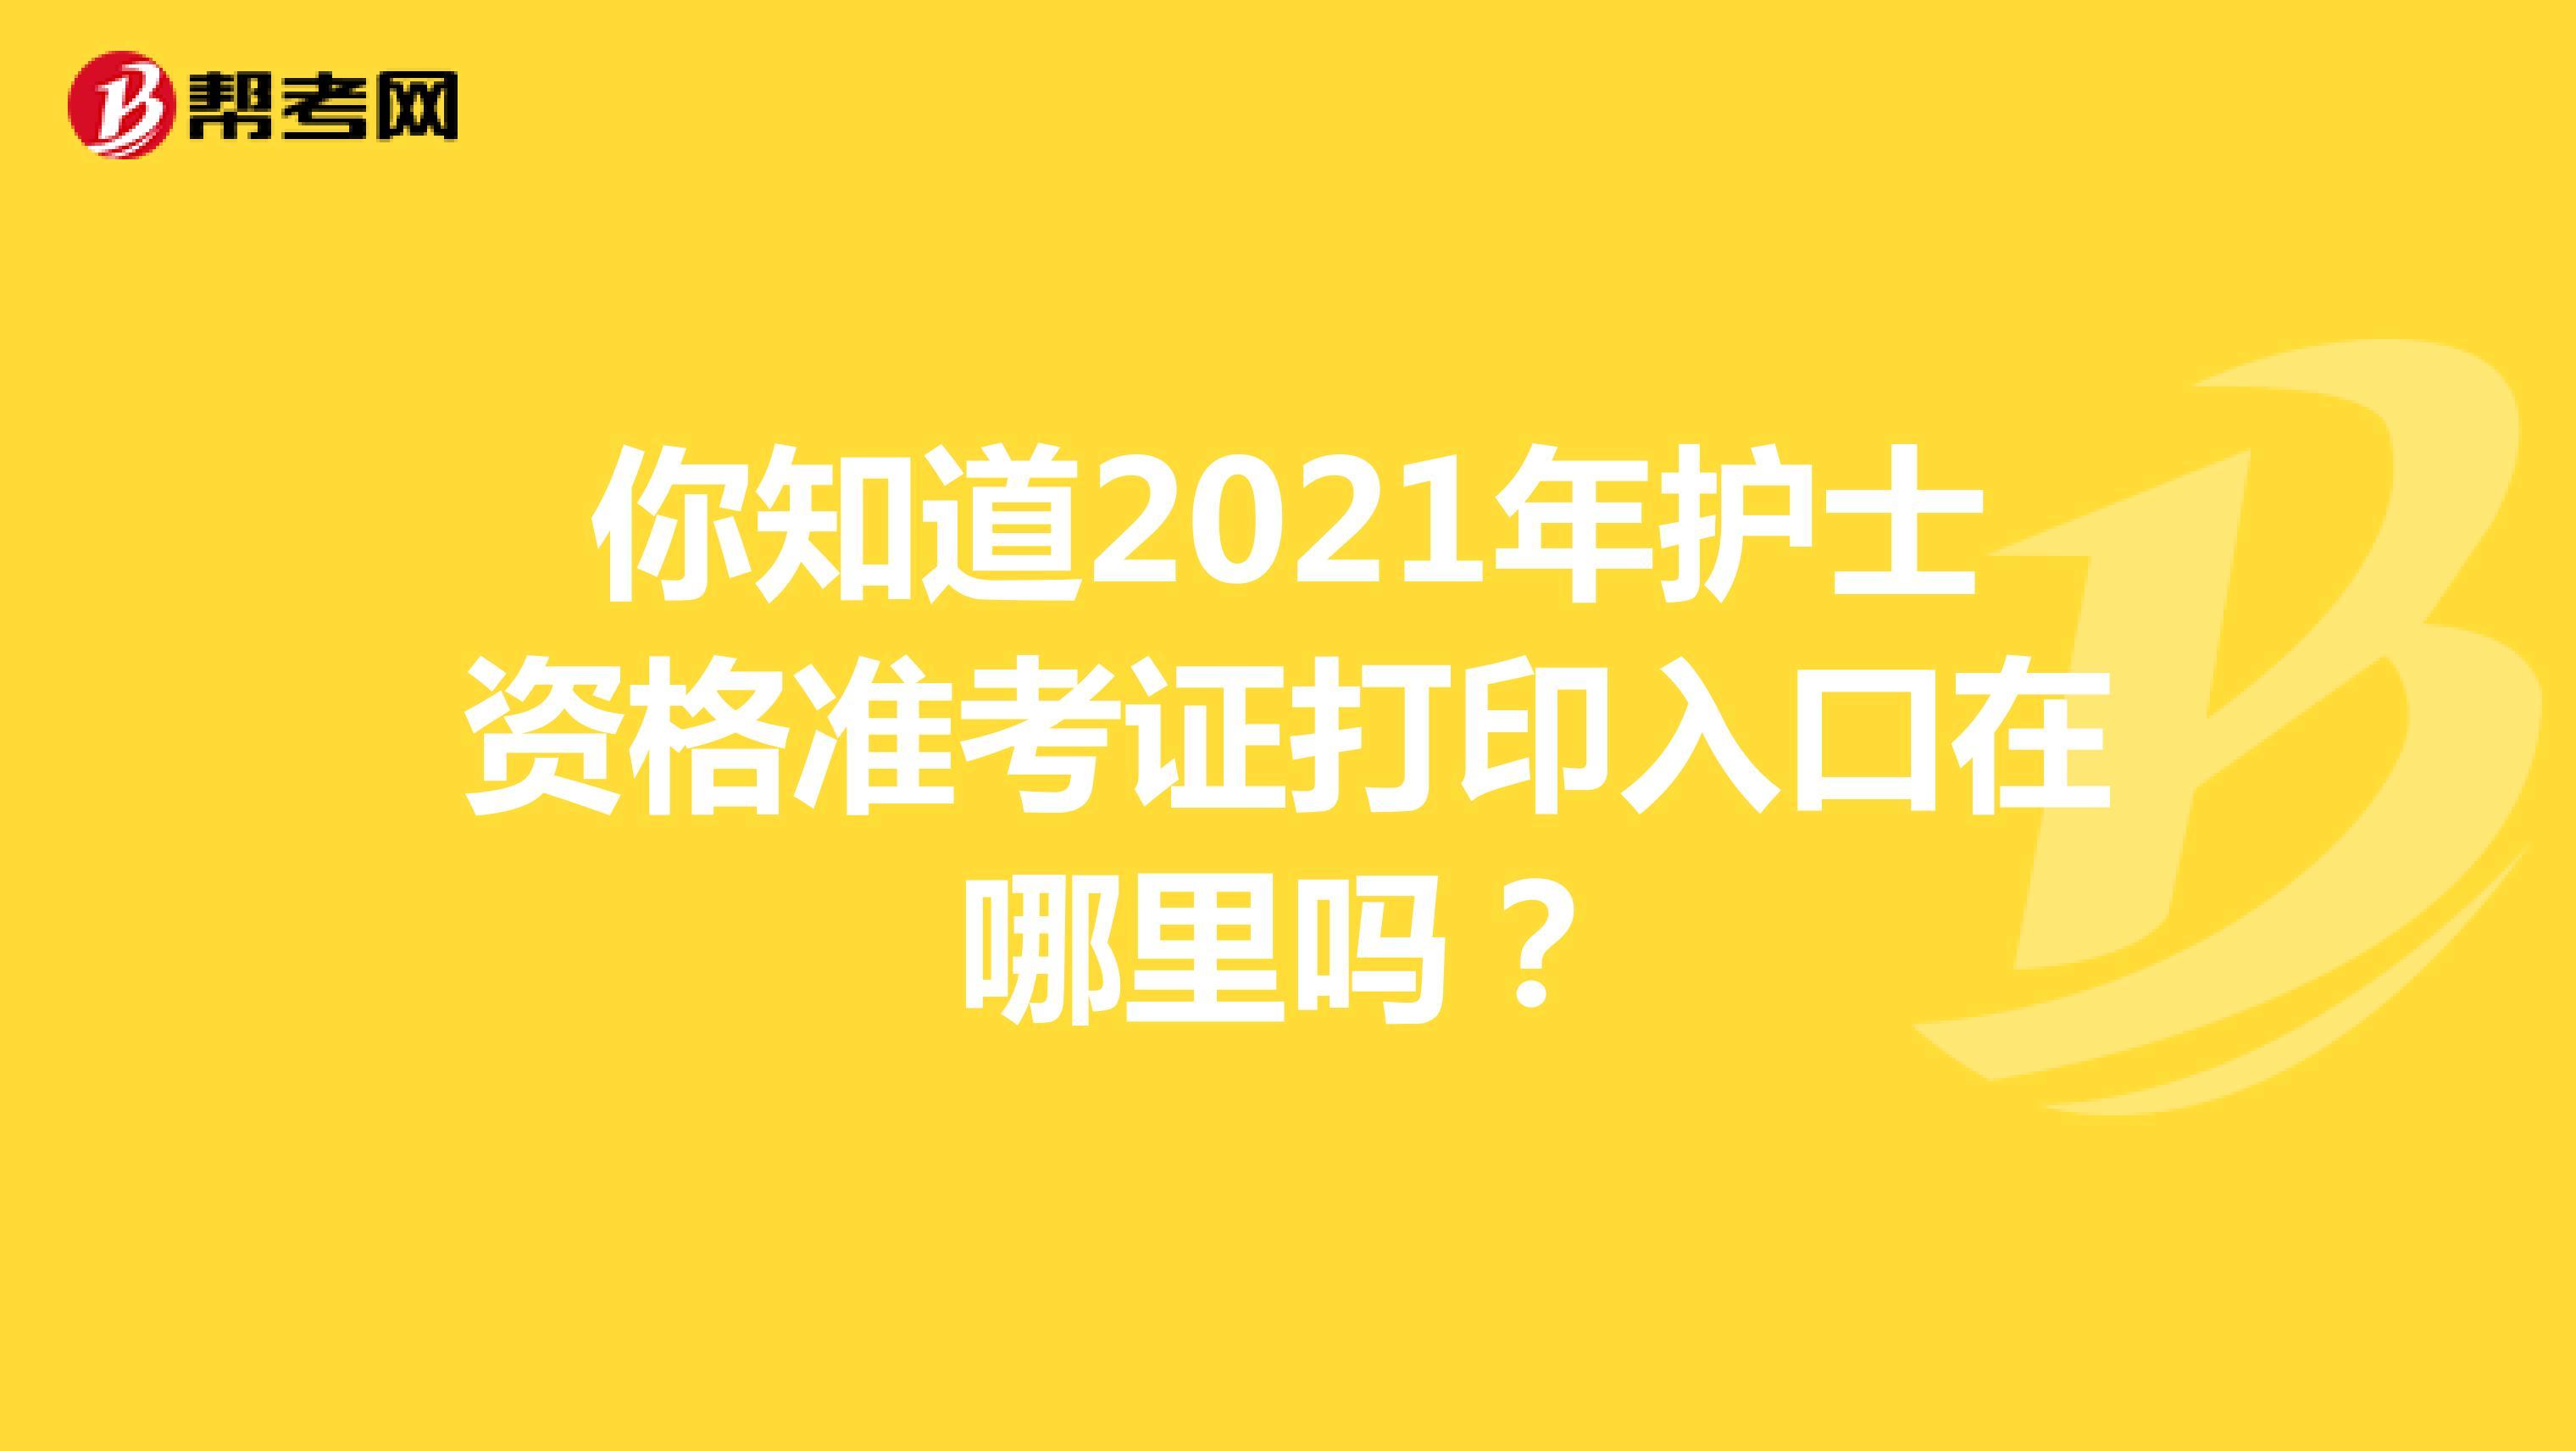 你知道2021年护士资格准考证打印入口在哪里吗?